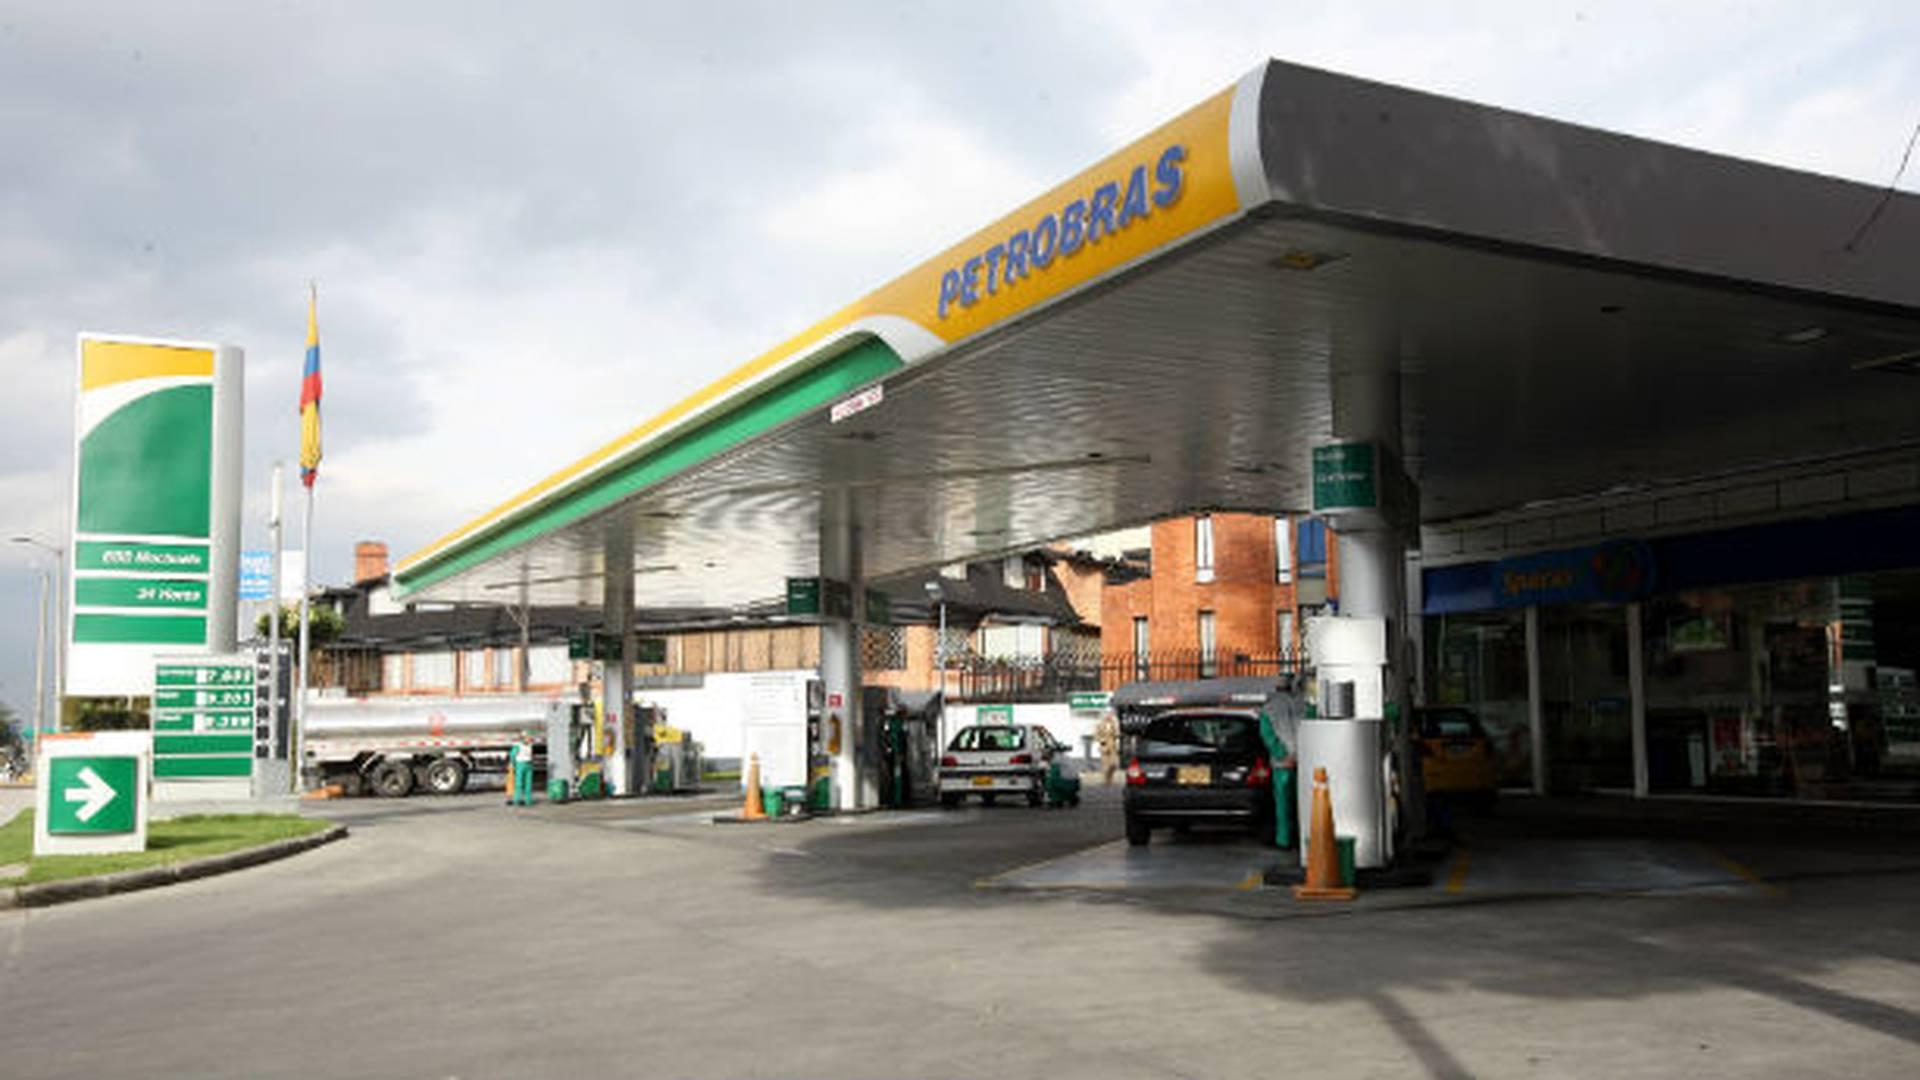 Para incentivar la inversión de Brasil en Colombia, Proexport ha desarrollado estrategias para cada sector económico. Petrobras es una de las  compañías brasileras pioneras en la inversión en el país.